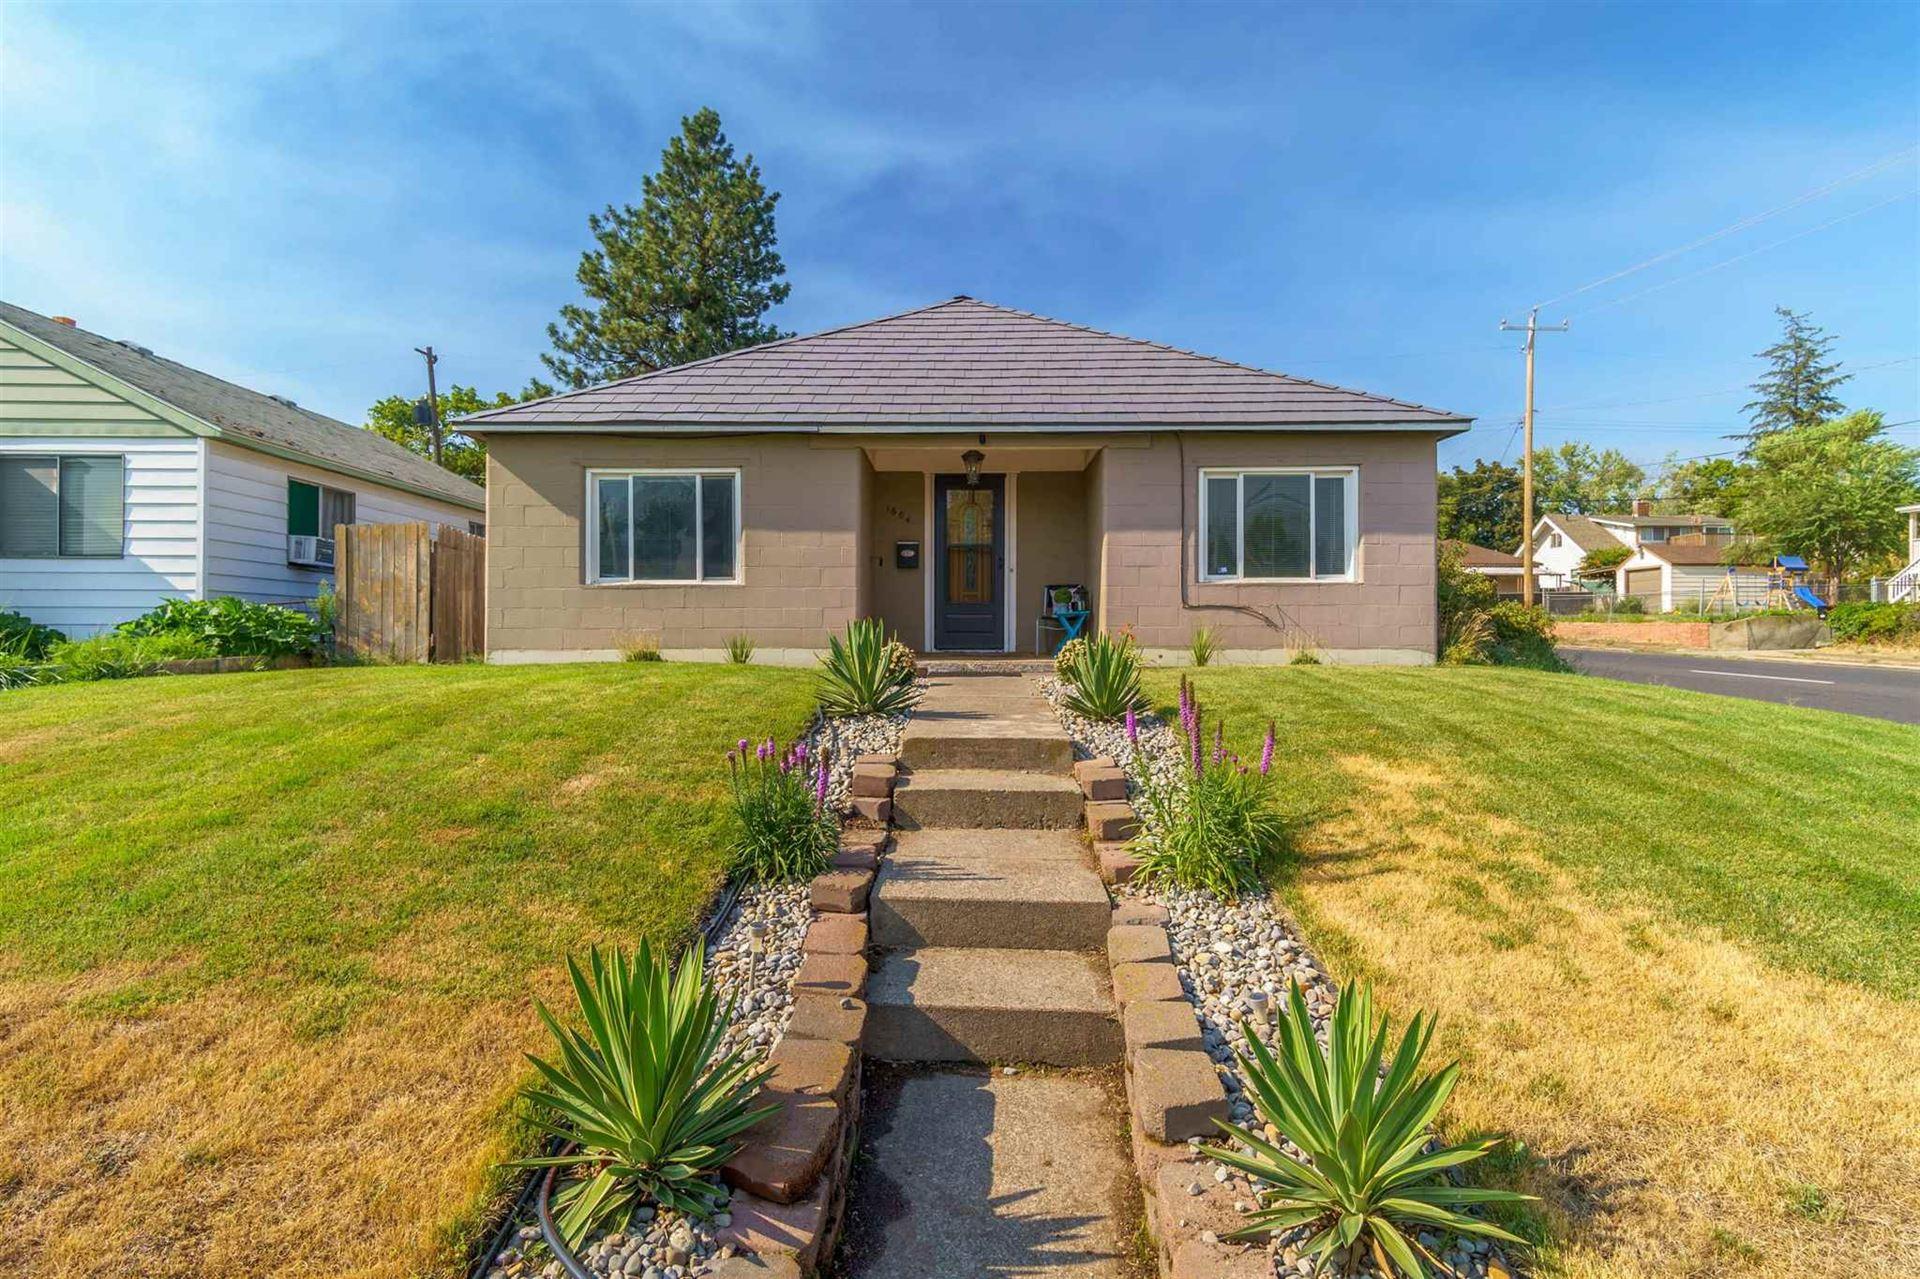 1604 W Gordon Ave, Spokane, WA 99205-2635 - #: 202119510